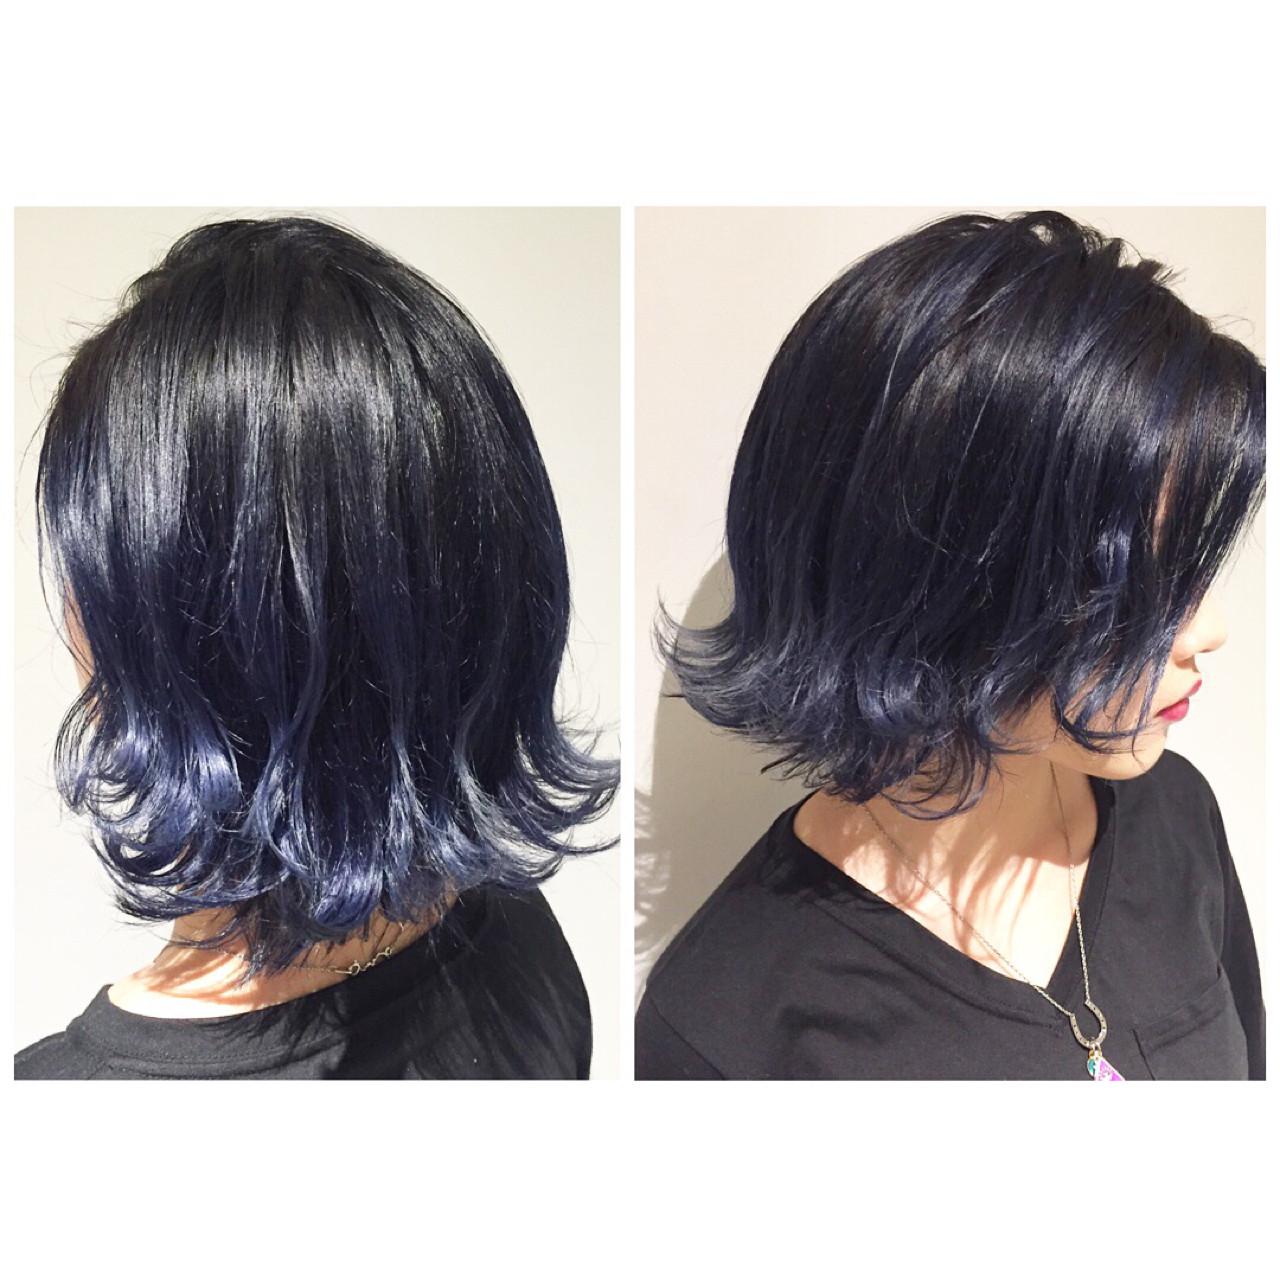 ハイライト 暗髪 外国人風 ミディアム ヘアスタイルや髪型の写真・画像 | 大石 卓 / Ticro hair